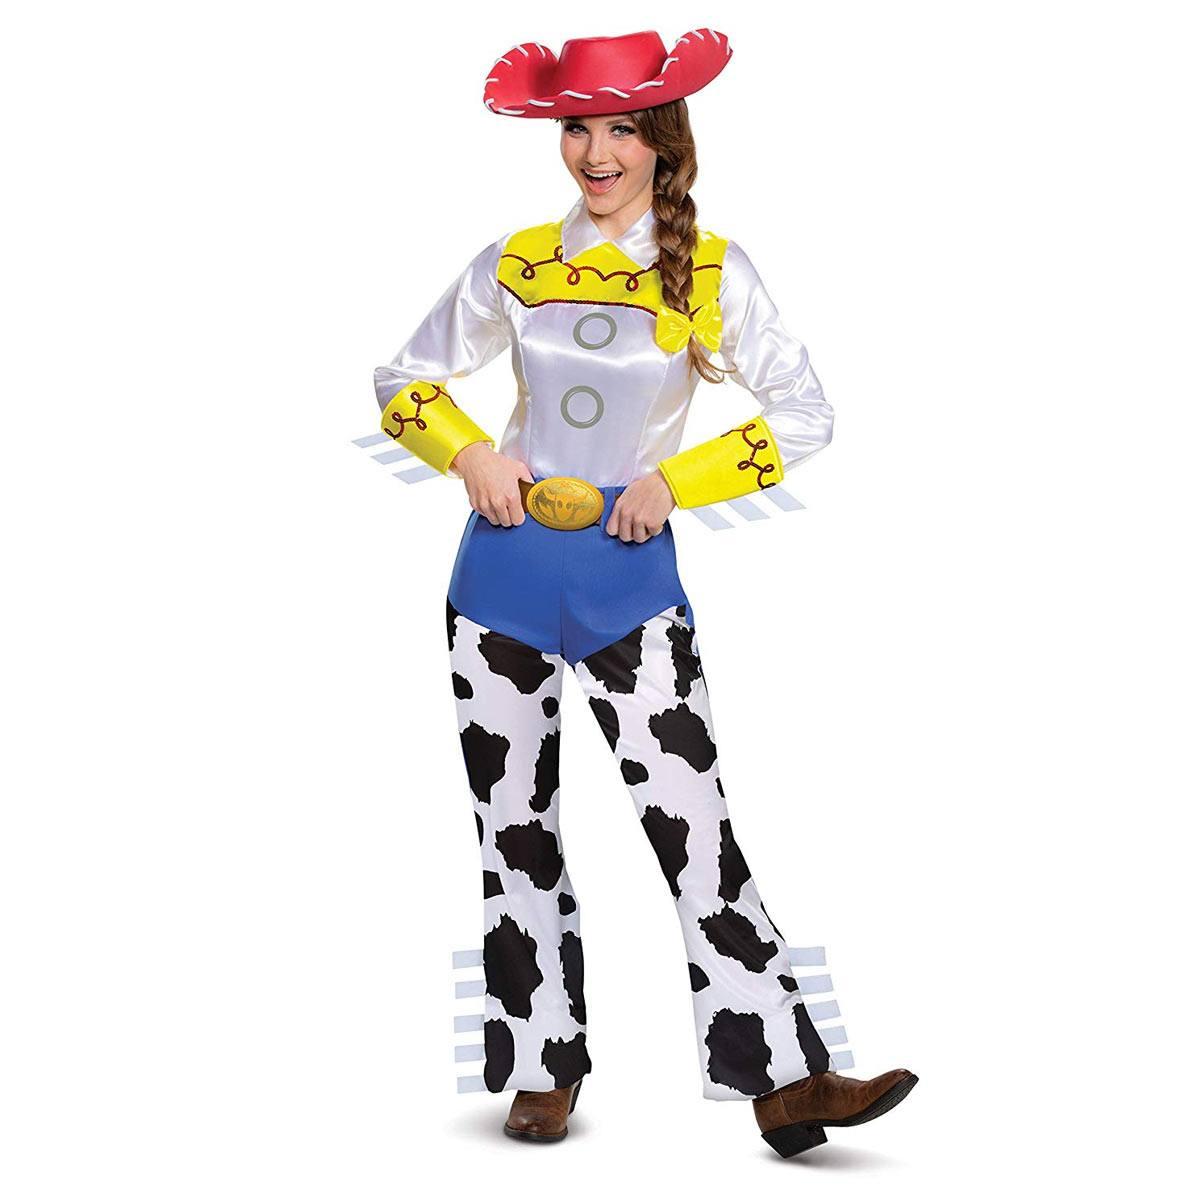 トイストーリー4 ジェシー 仮装 大人用 衣装 コスプレ ハロウィン カーボーイ ディズニー Toy Story 4